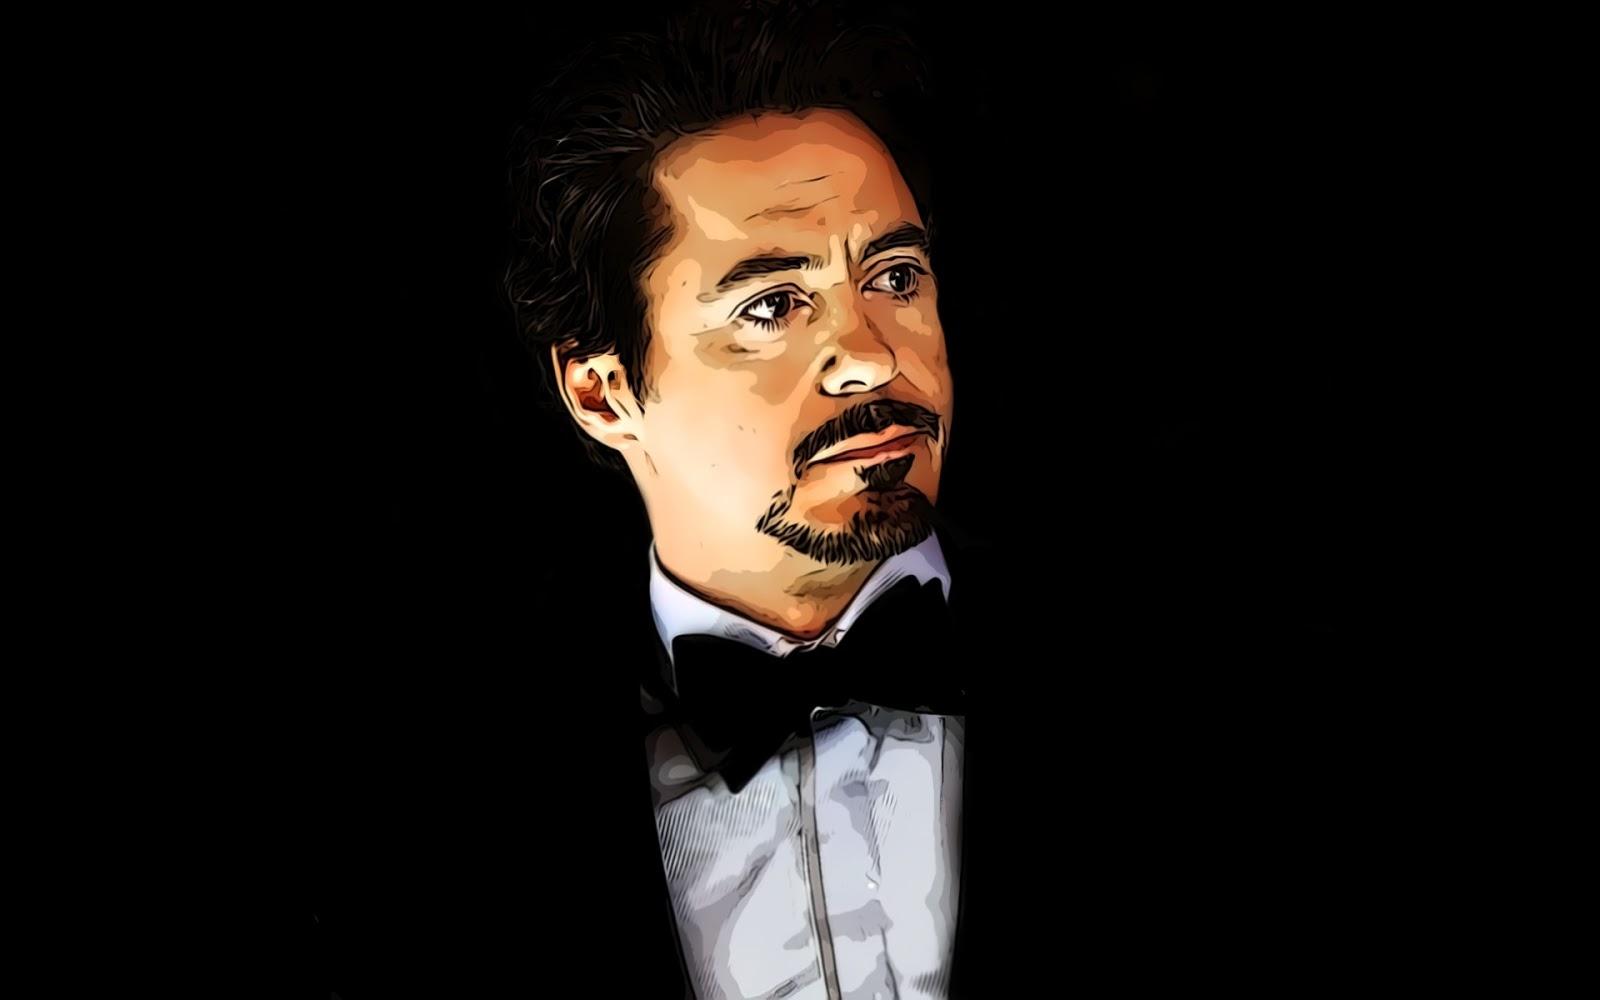 Free Download Celebrities Wallpaper Robert Downey Jr Hd Wallpapers